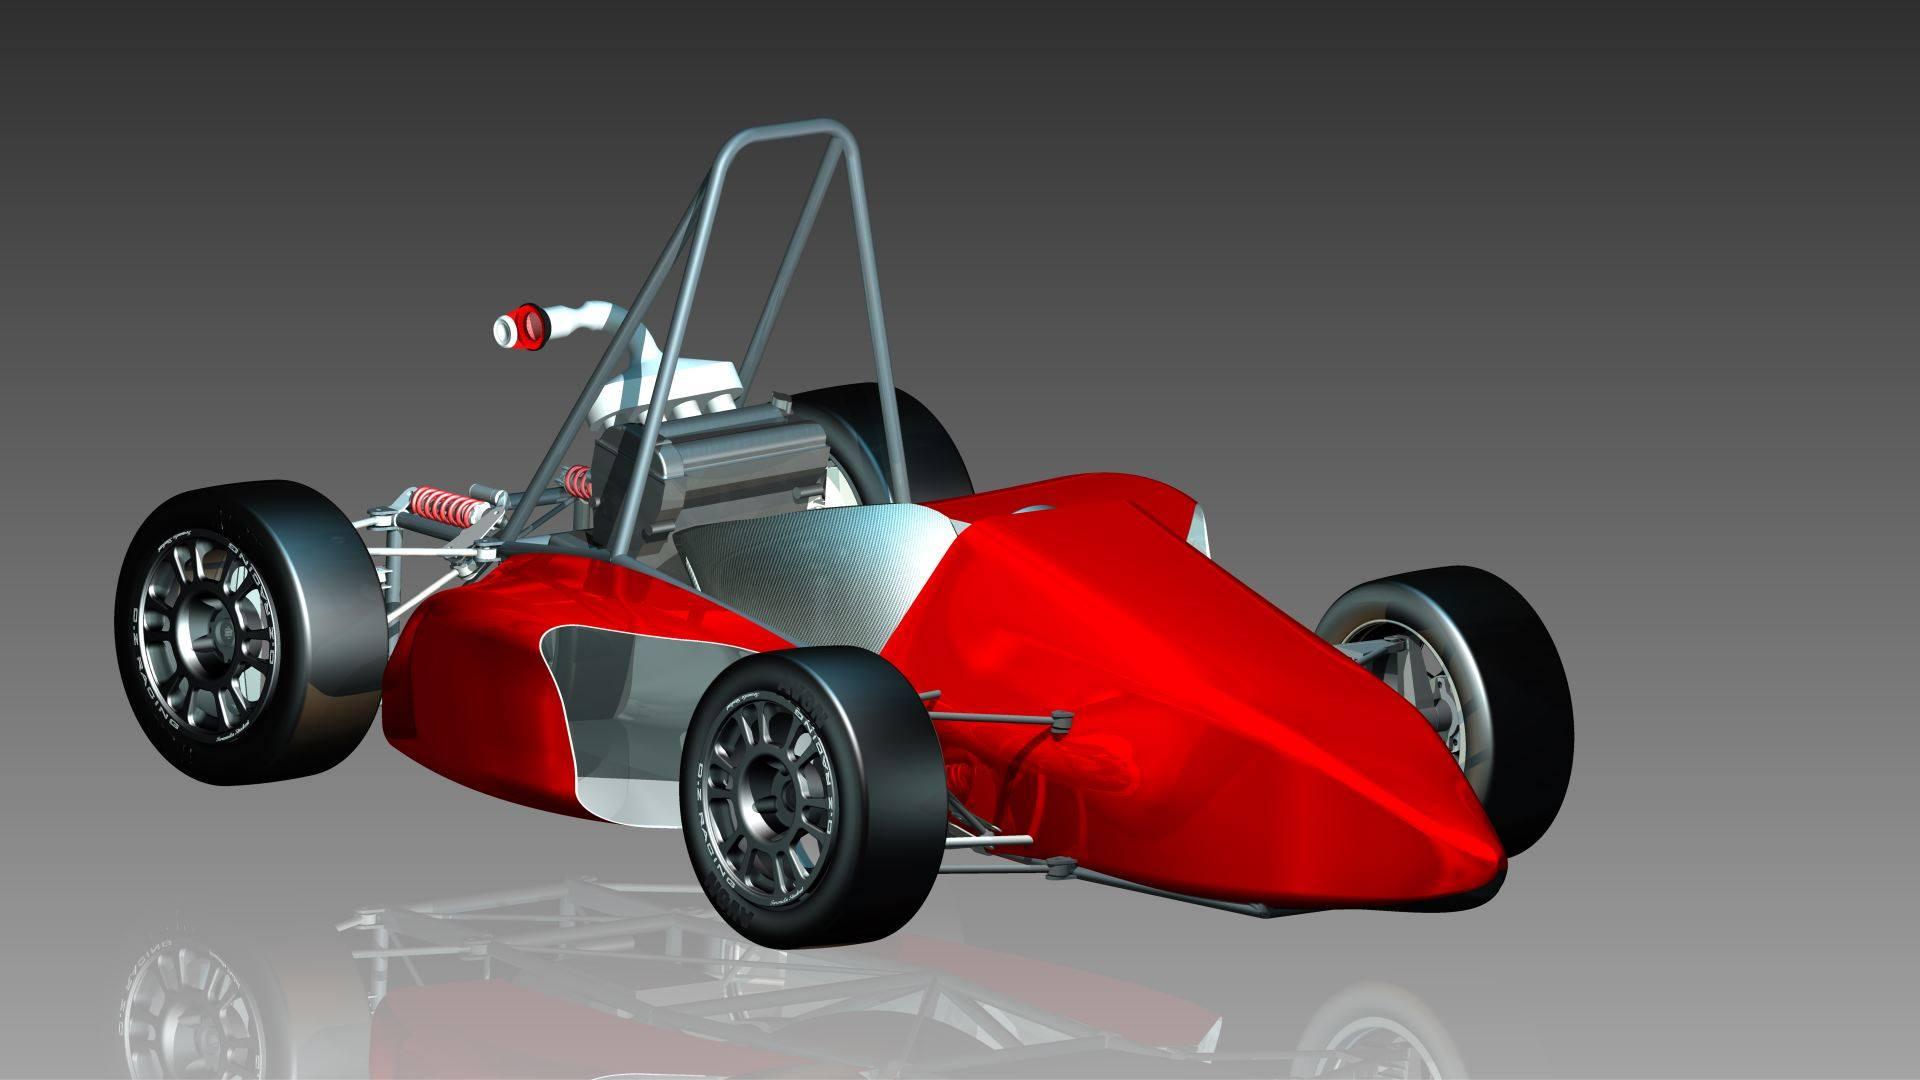 Wstępny projekt bolidu PGRacing Team gotowy!